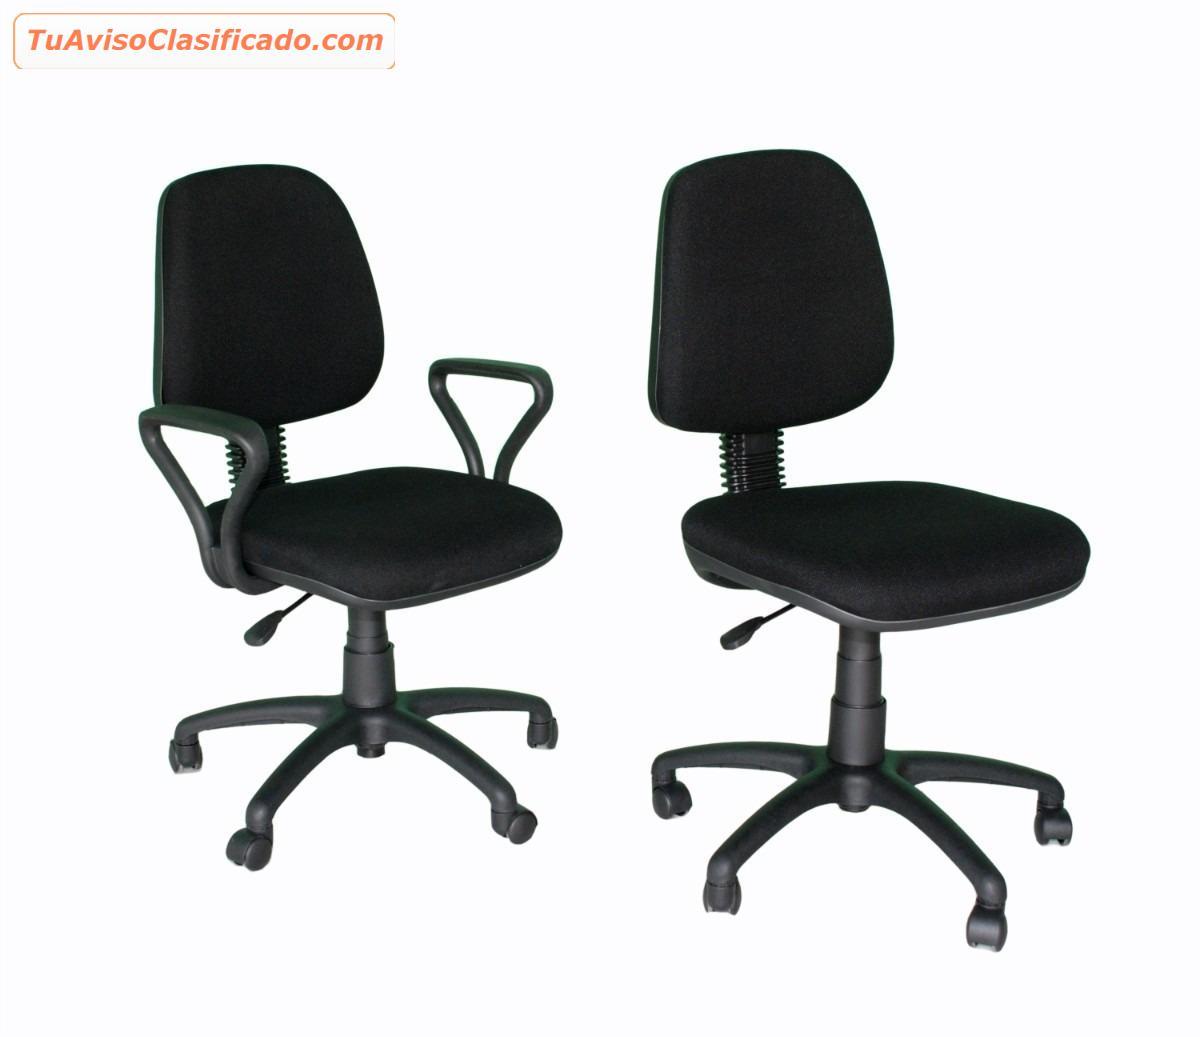 muebles para tu hogar y oficina mobiliario y